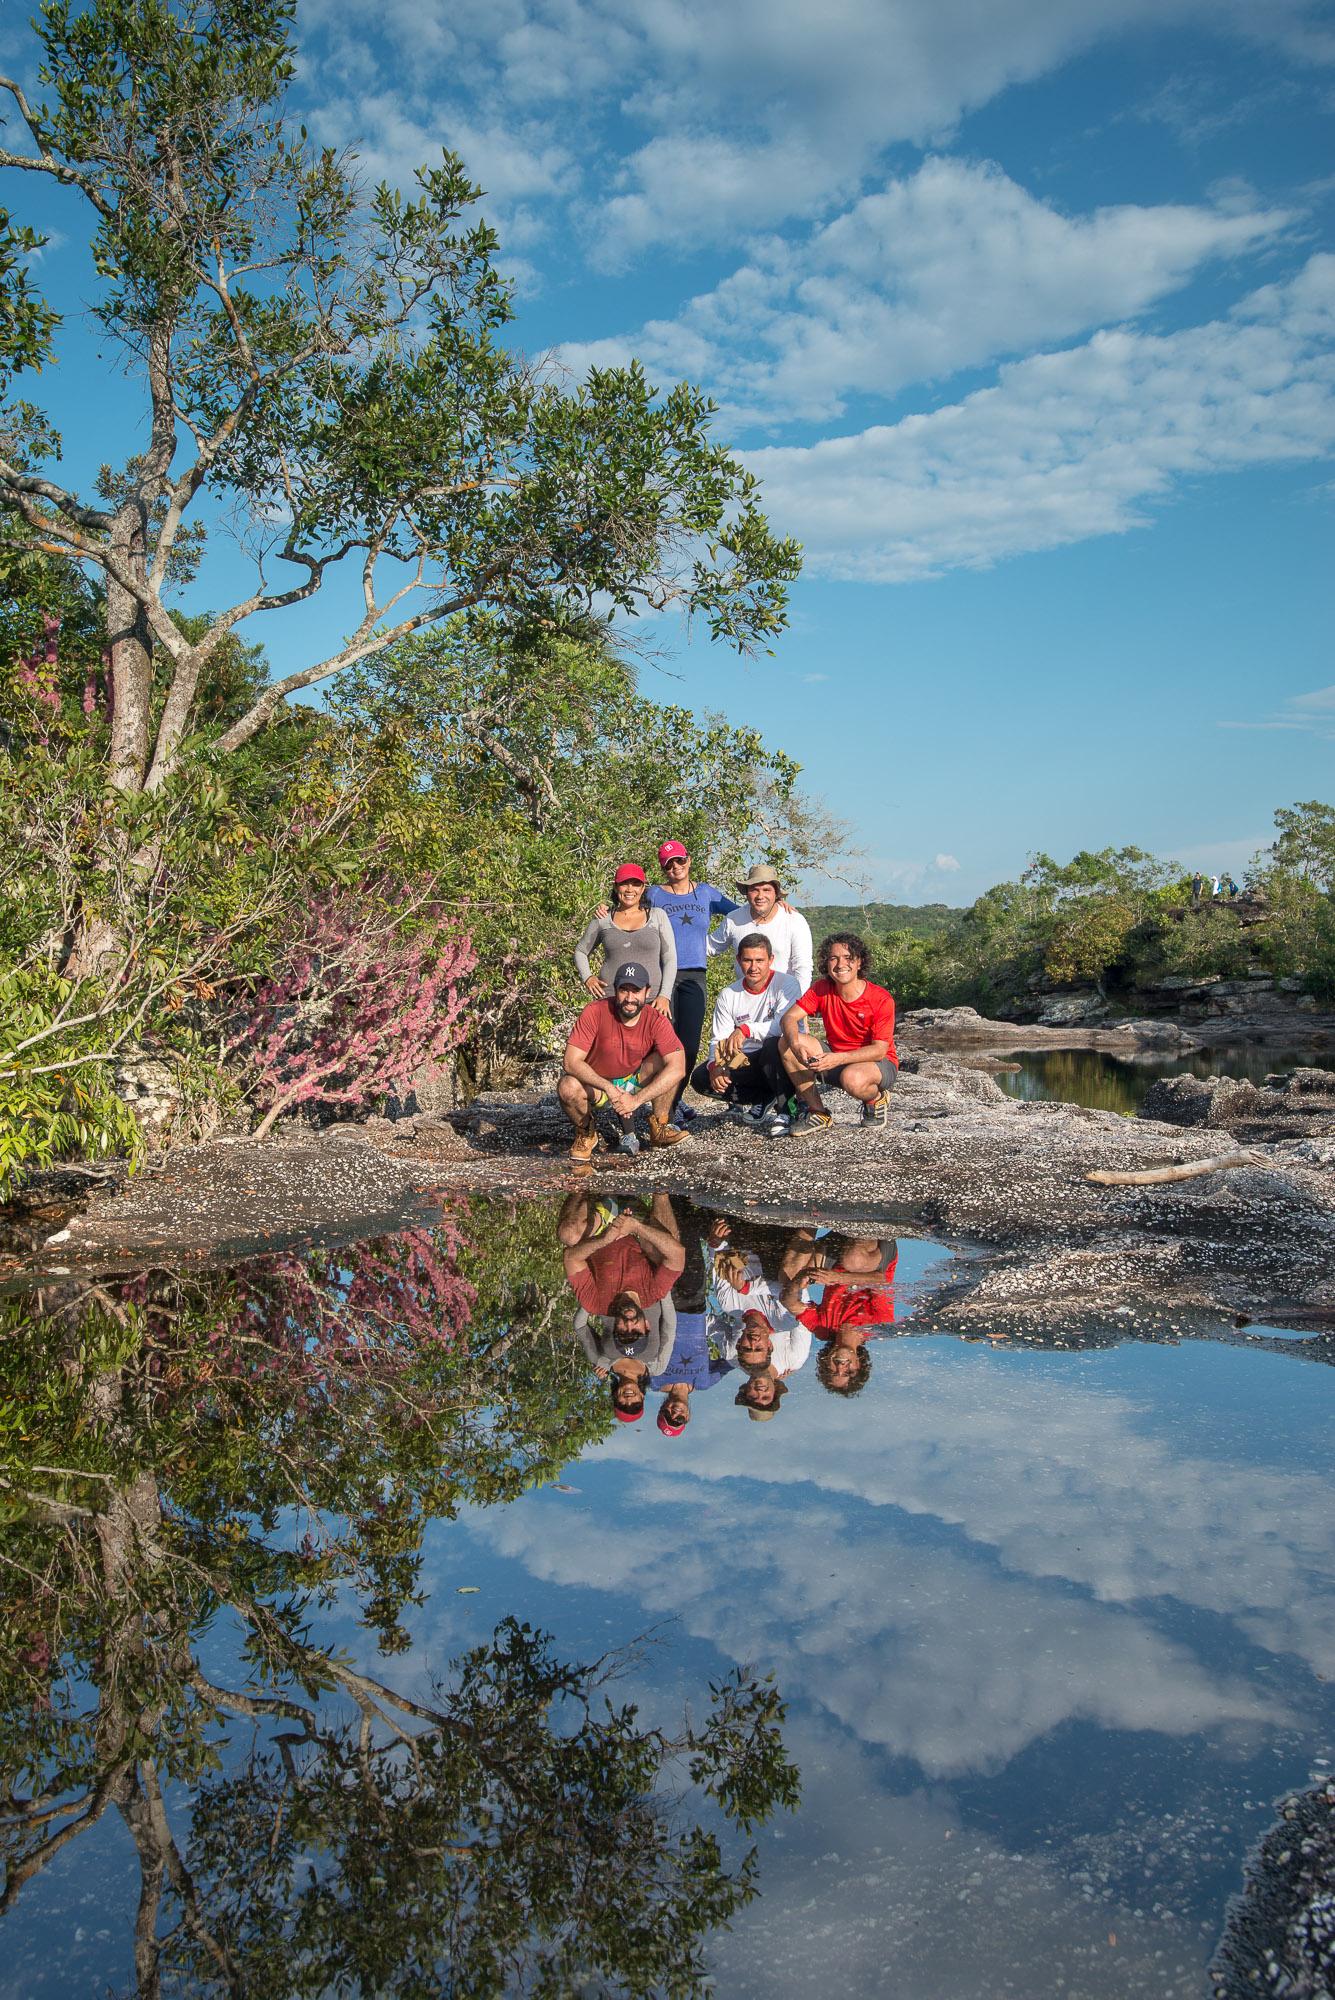 Jose Romero, un guía que nos llevó a conocer espejos de agua como este, en 2015